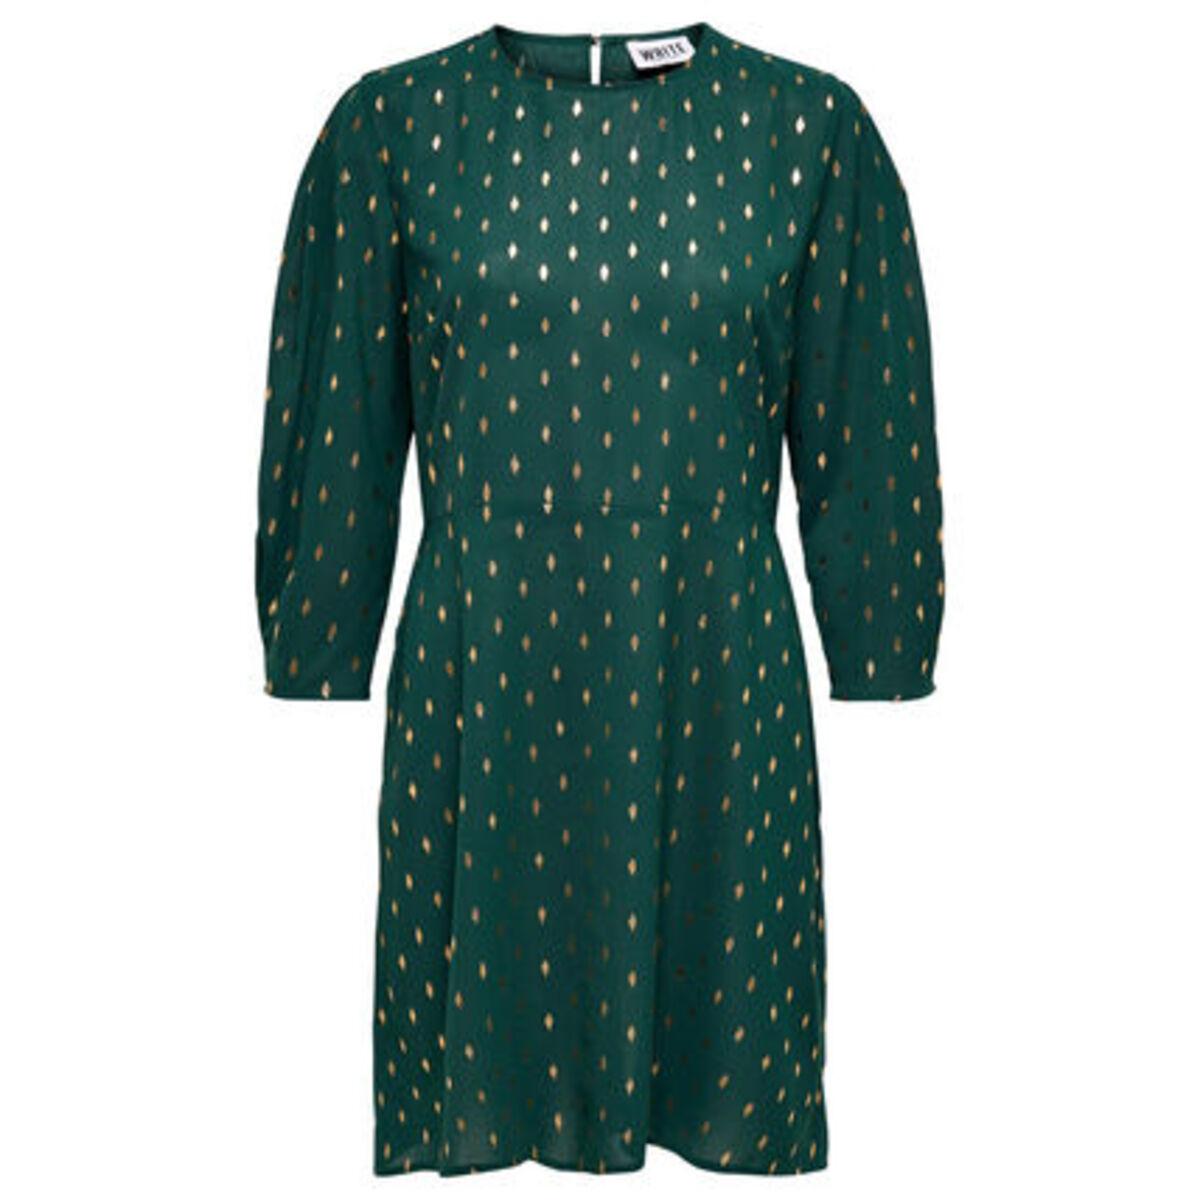 Bild 1 von Only Kleid, Allover-Print, dezente Ballonärmel, tailliert, für Damen